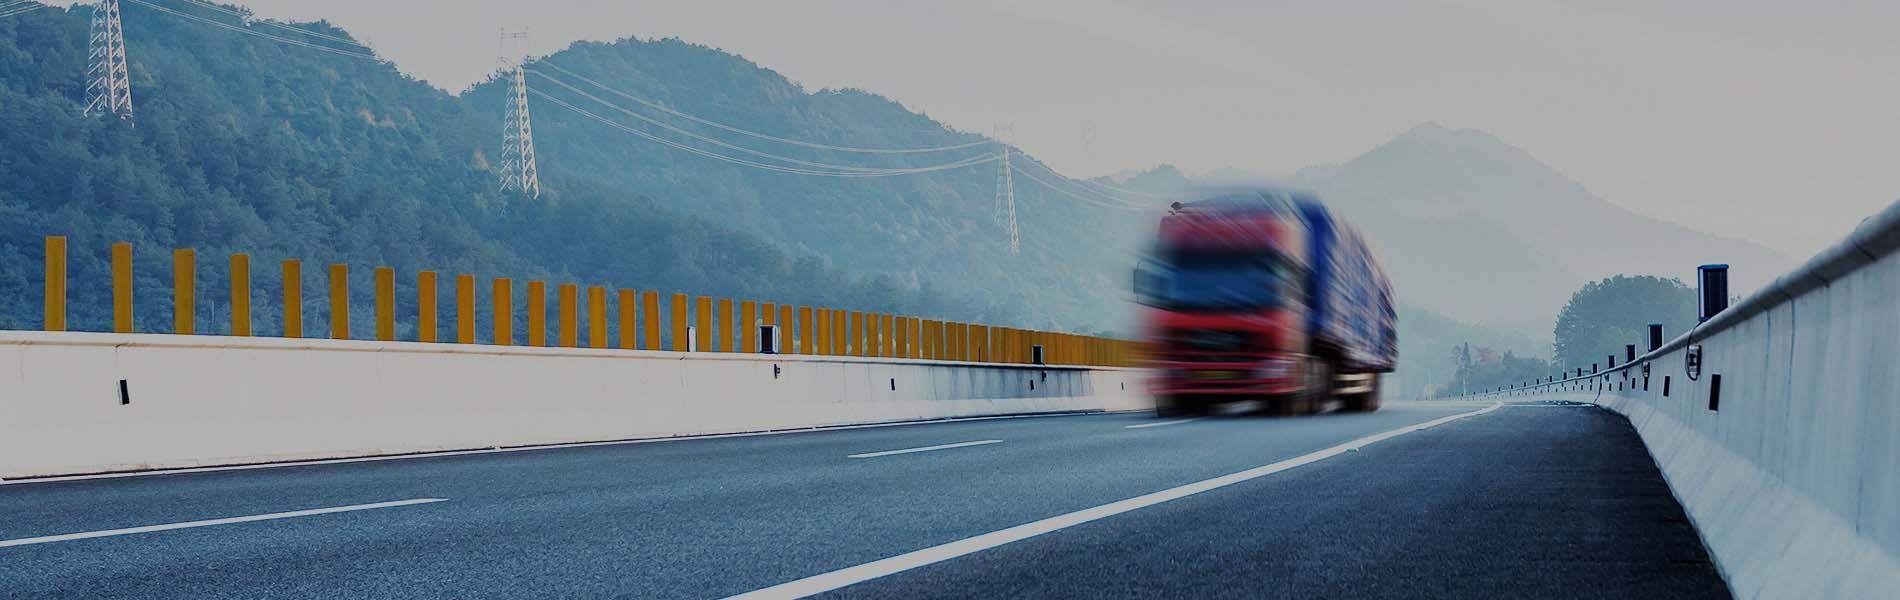 транспортные компании по перевозке грузов